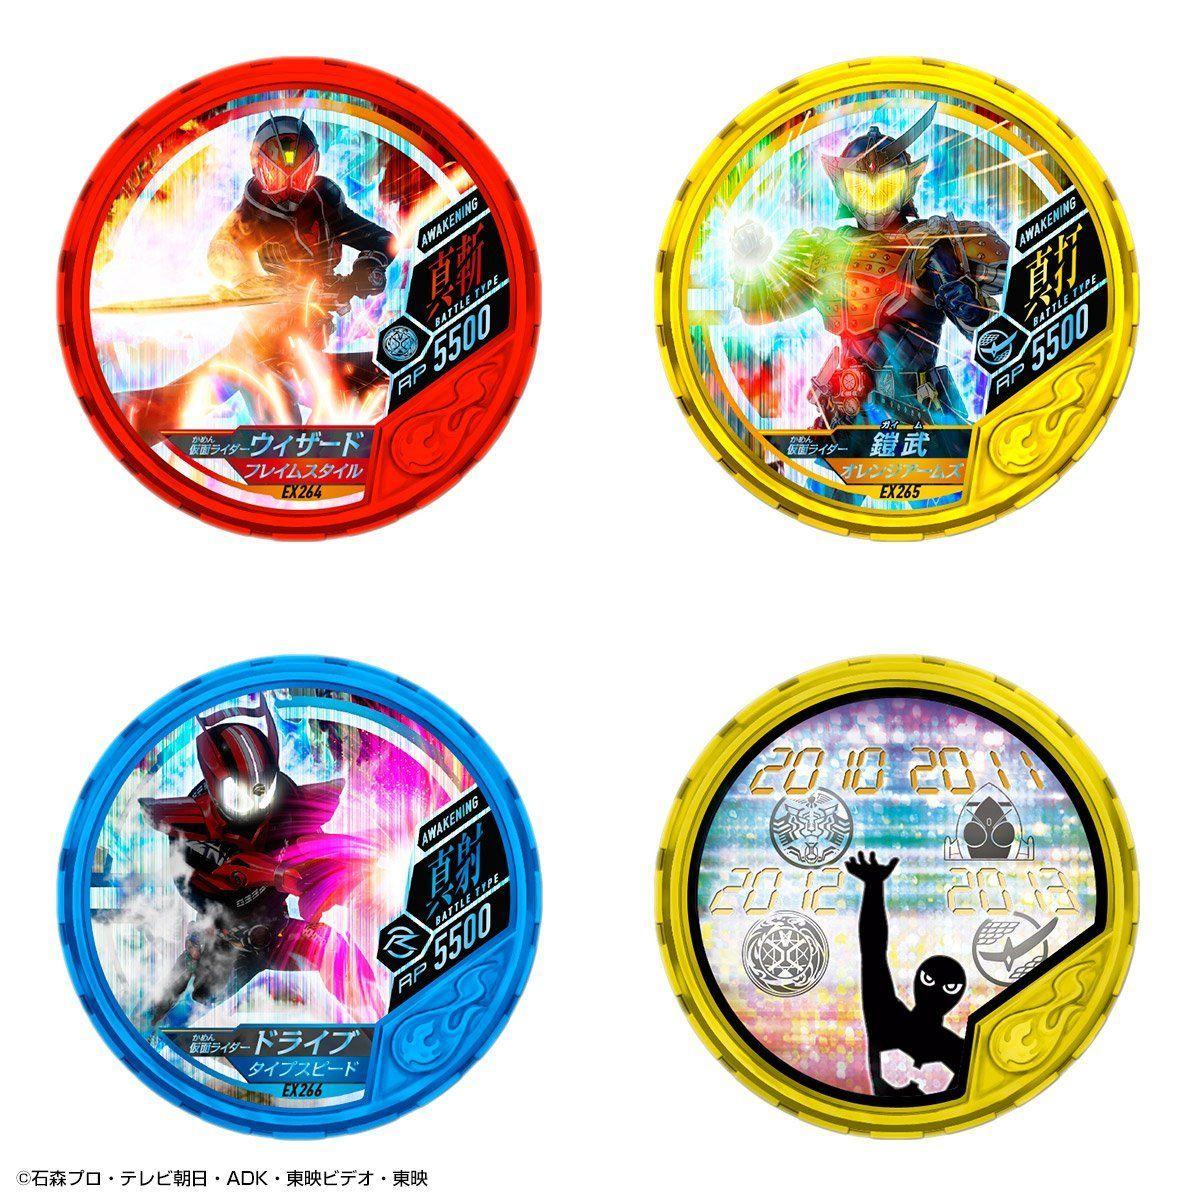 仮面ライダー ブットバソウル『オフィシャルメダルホルダー -20th Anniversary-』-006